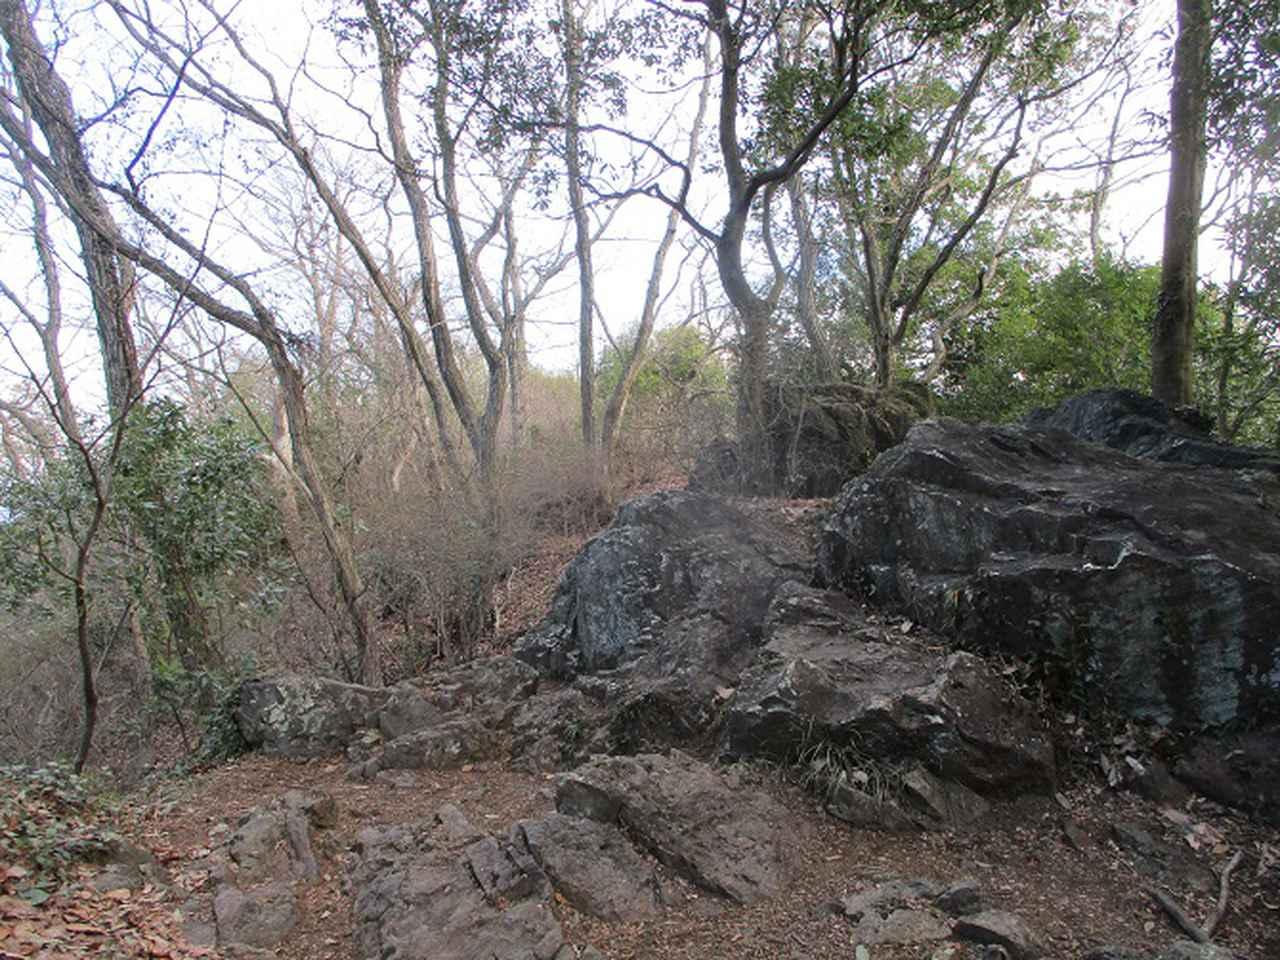 画像6: 3月の山旅会 三毳(みかも)山ツアー の下見に行ってきました!